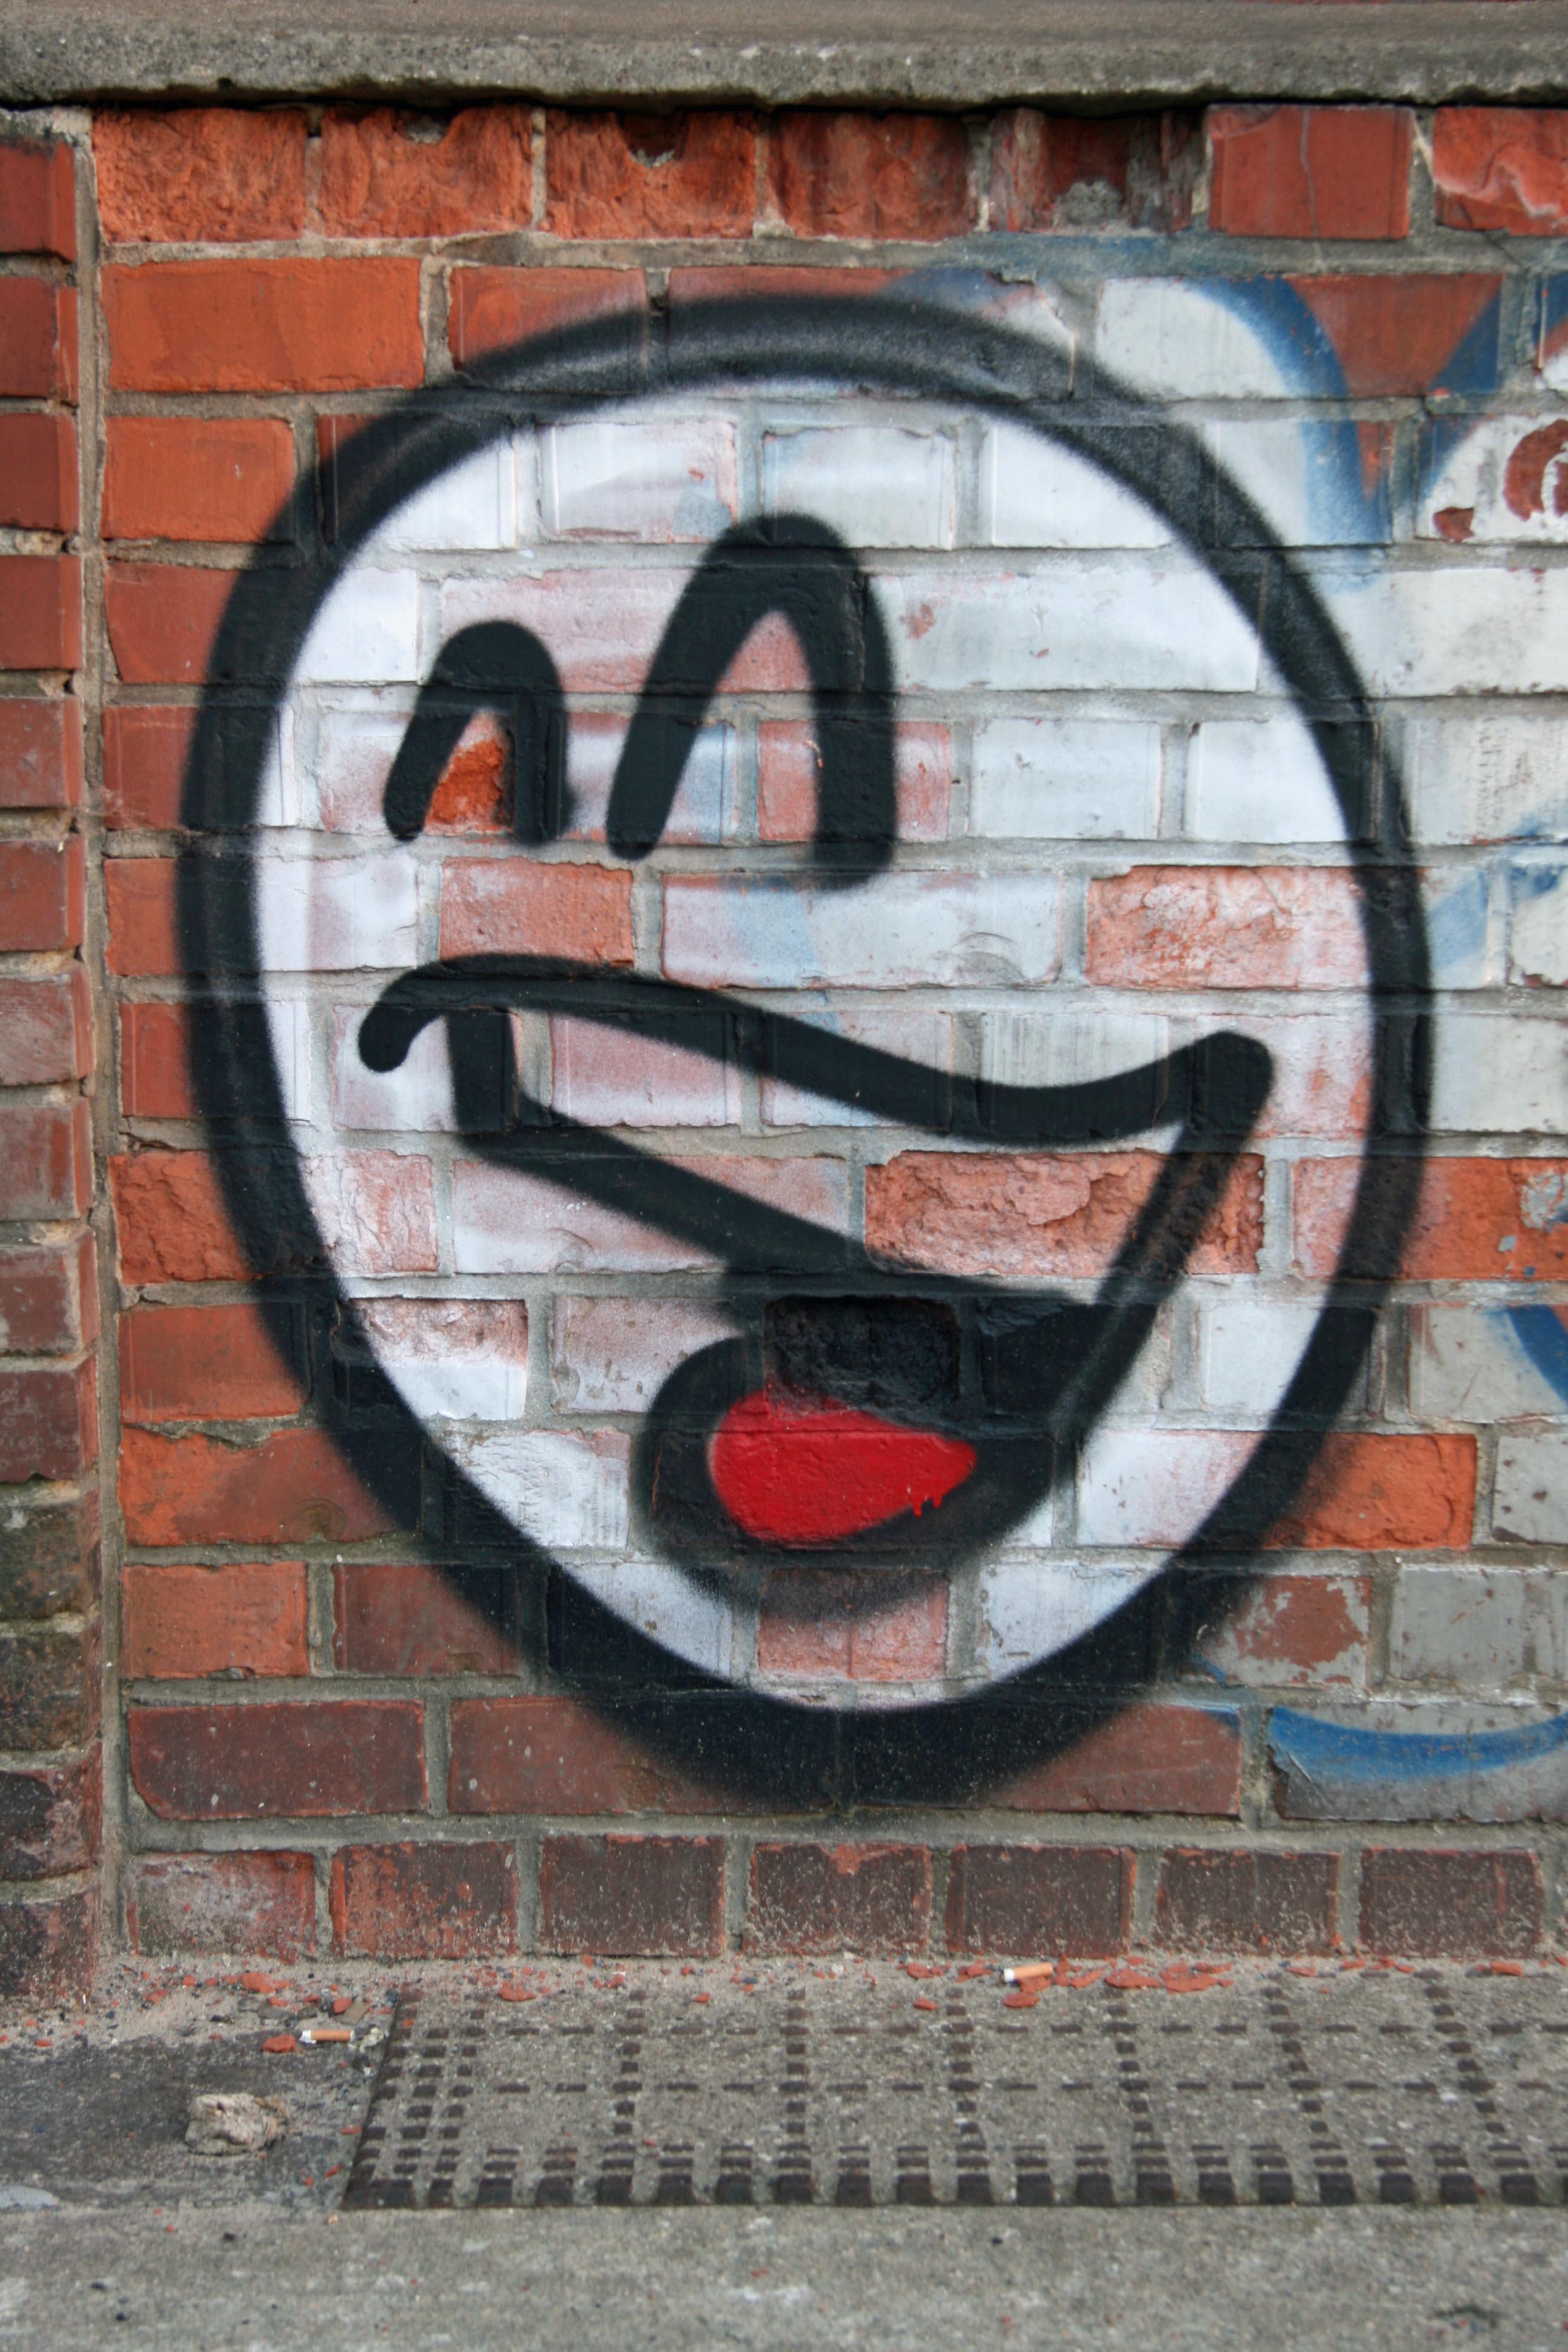 Smiley Face: Street Art by Mein Lieber Prost (often shortened to Prost) in Berlin